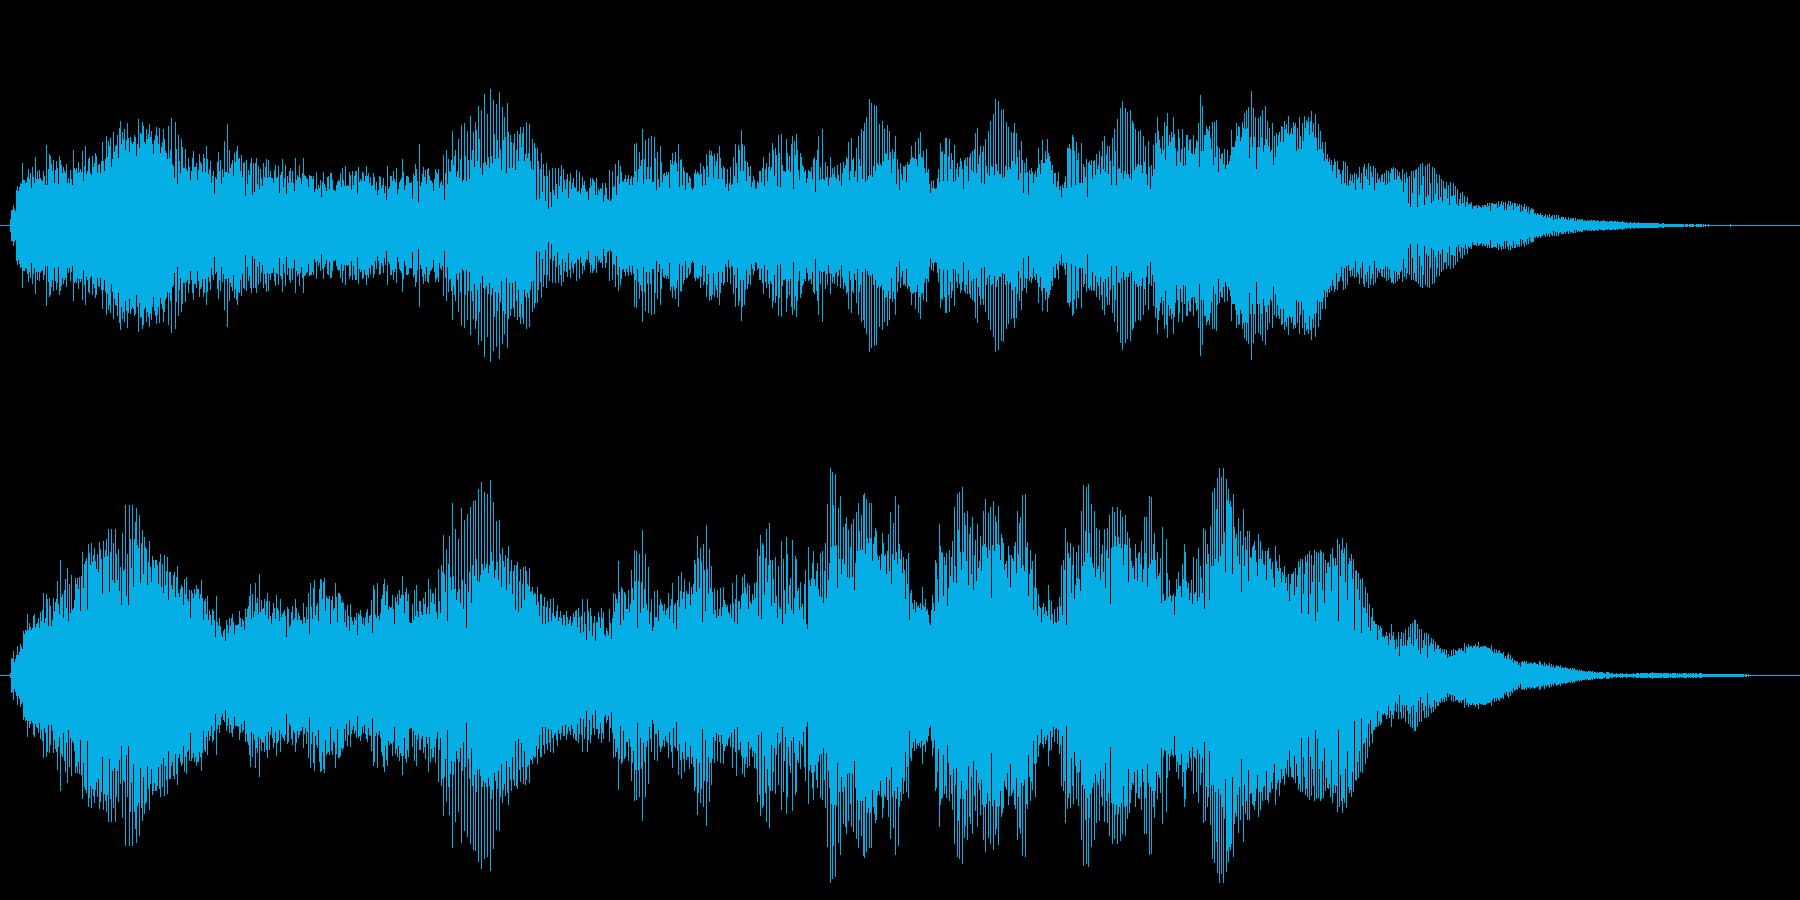 勝利のファンファーレ クリア 達成 栄光の再生済みの波形